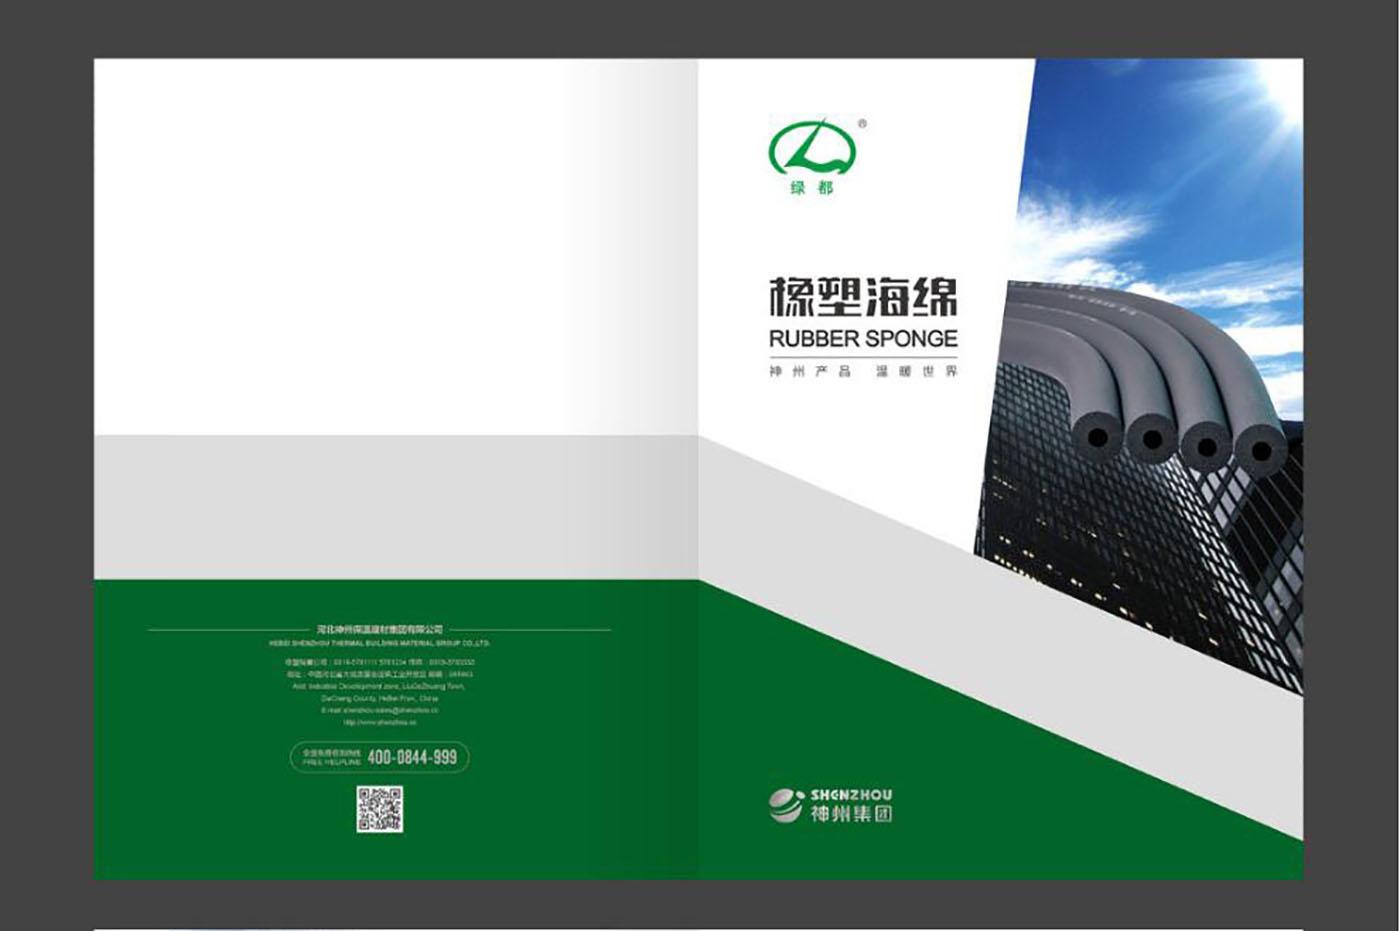 绿都橡胶折页设计-橡胶行业宣传折页设计公司